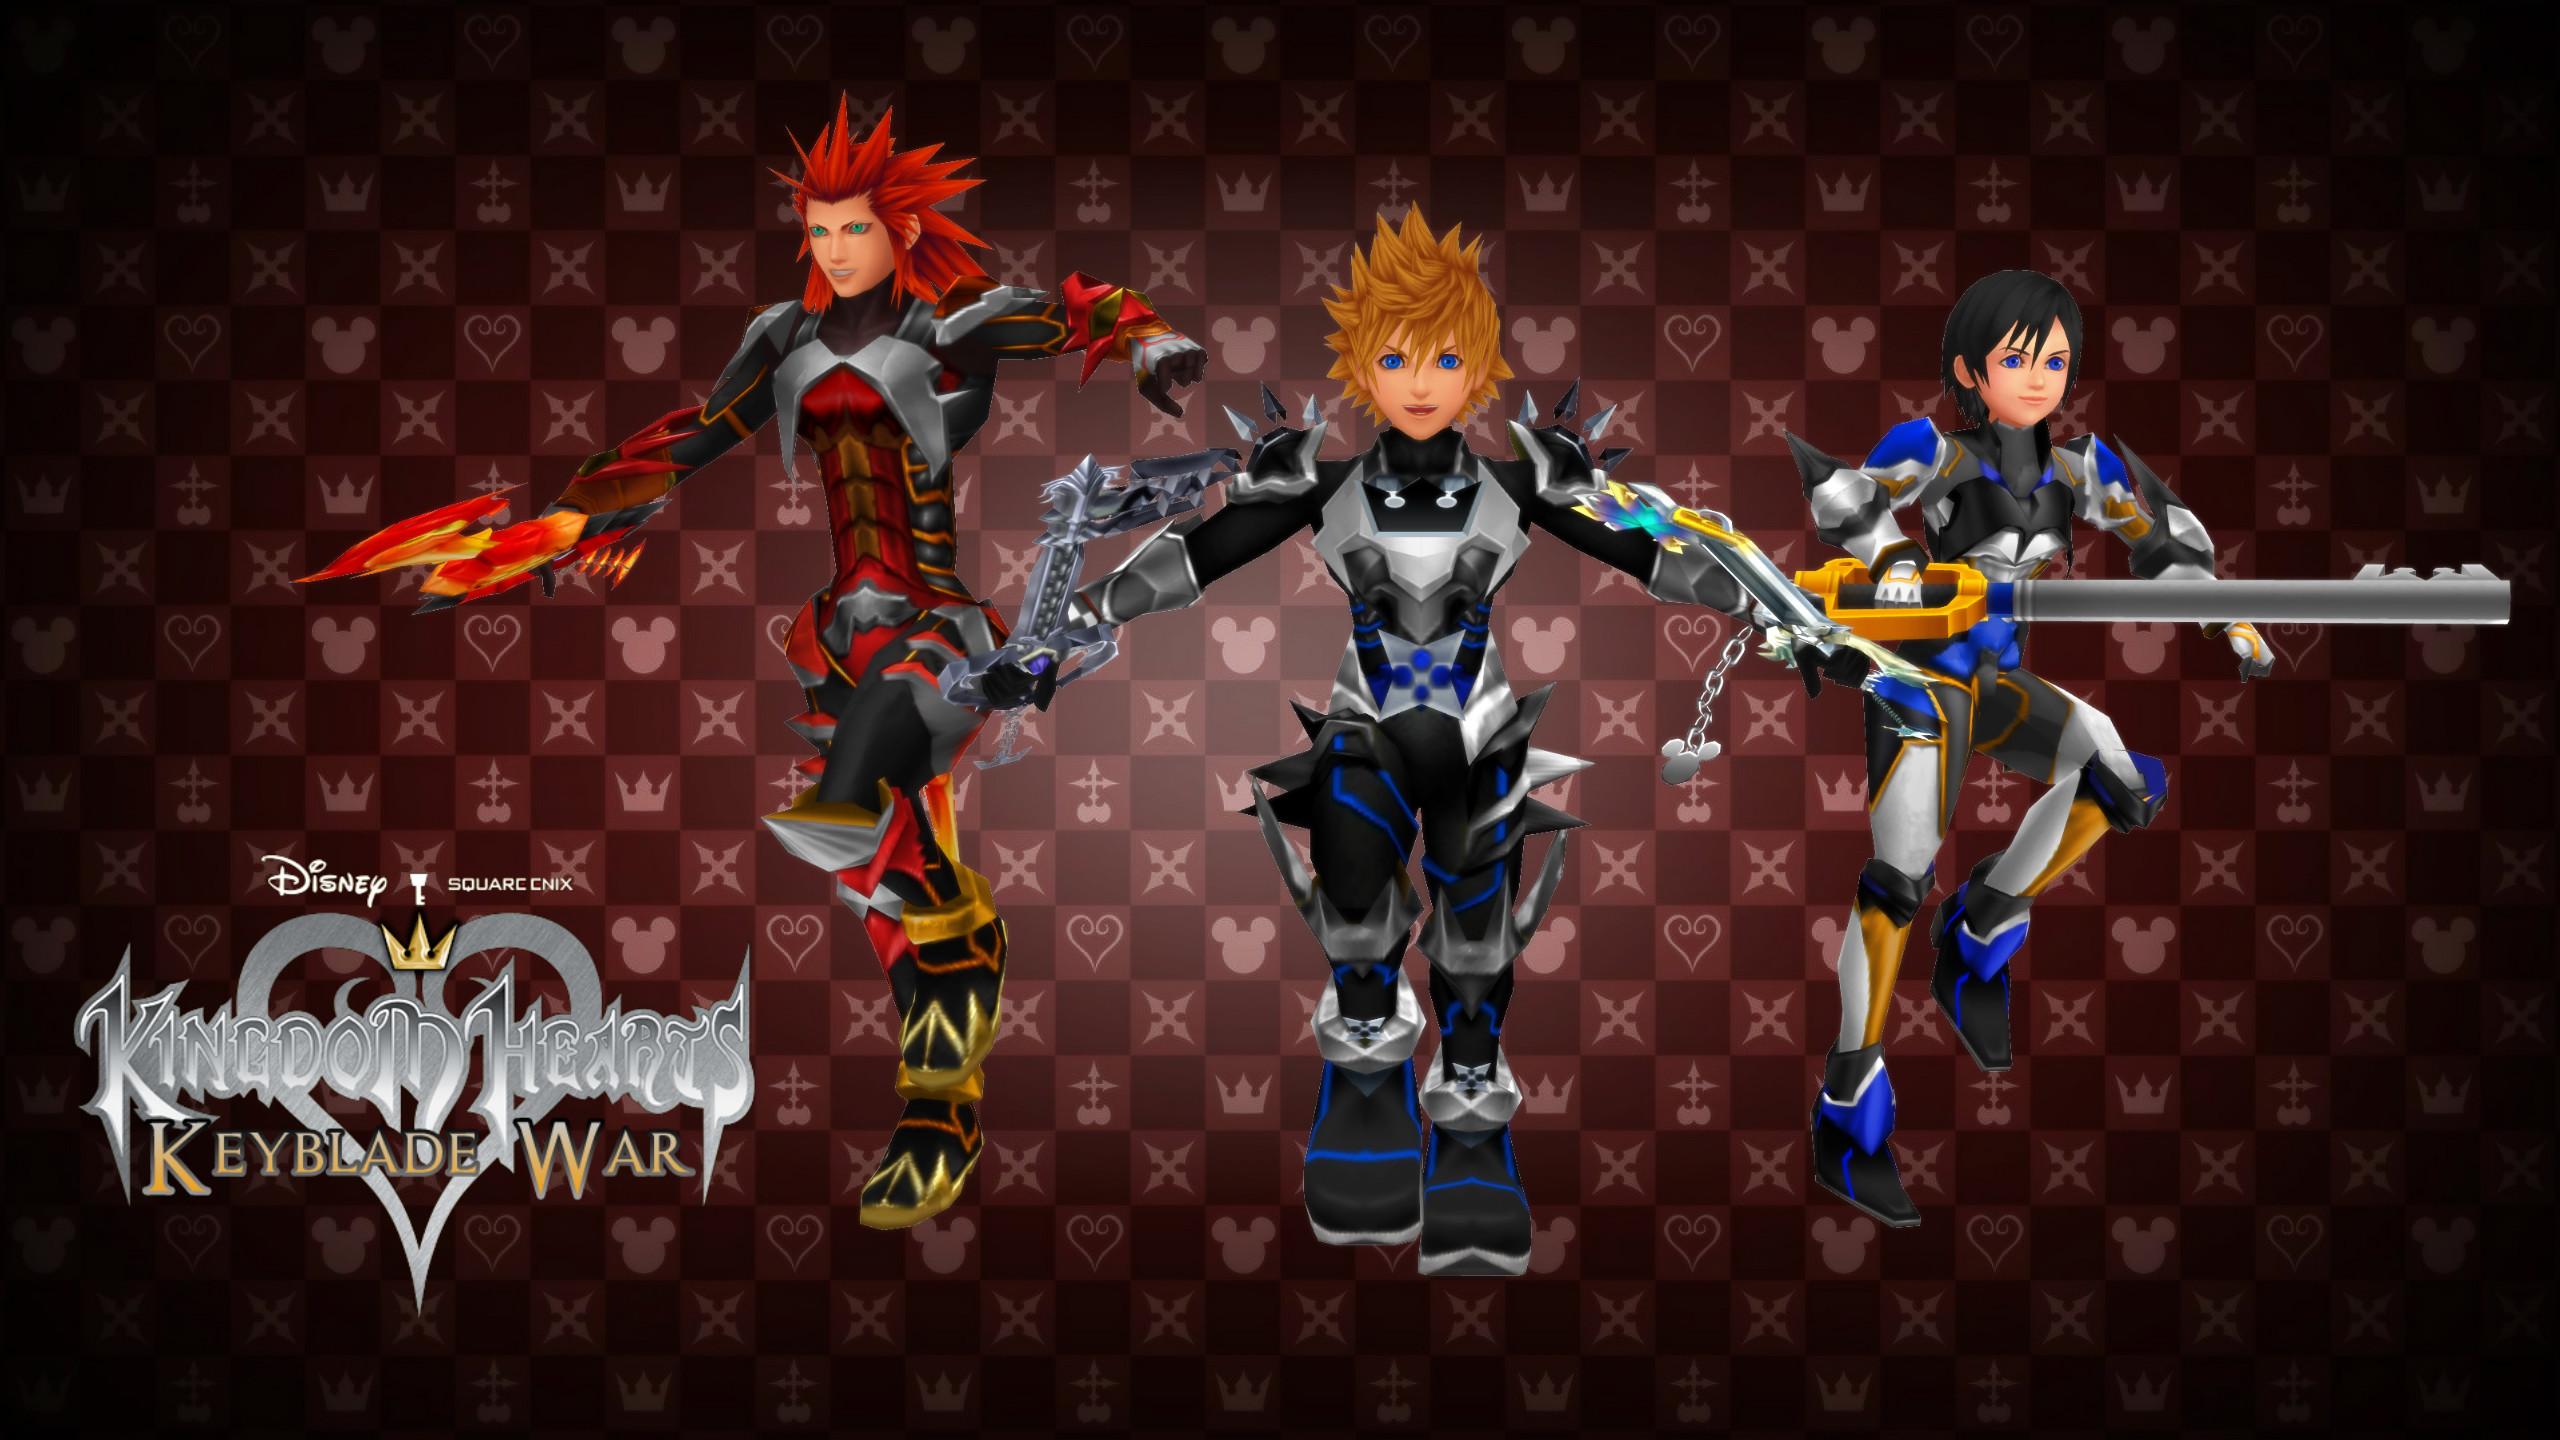 … Kingdom Hearts Keyblade War Custom Wallpaper 02 by todsen19